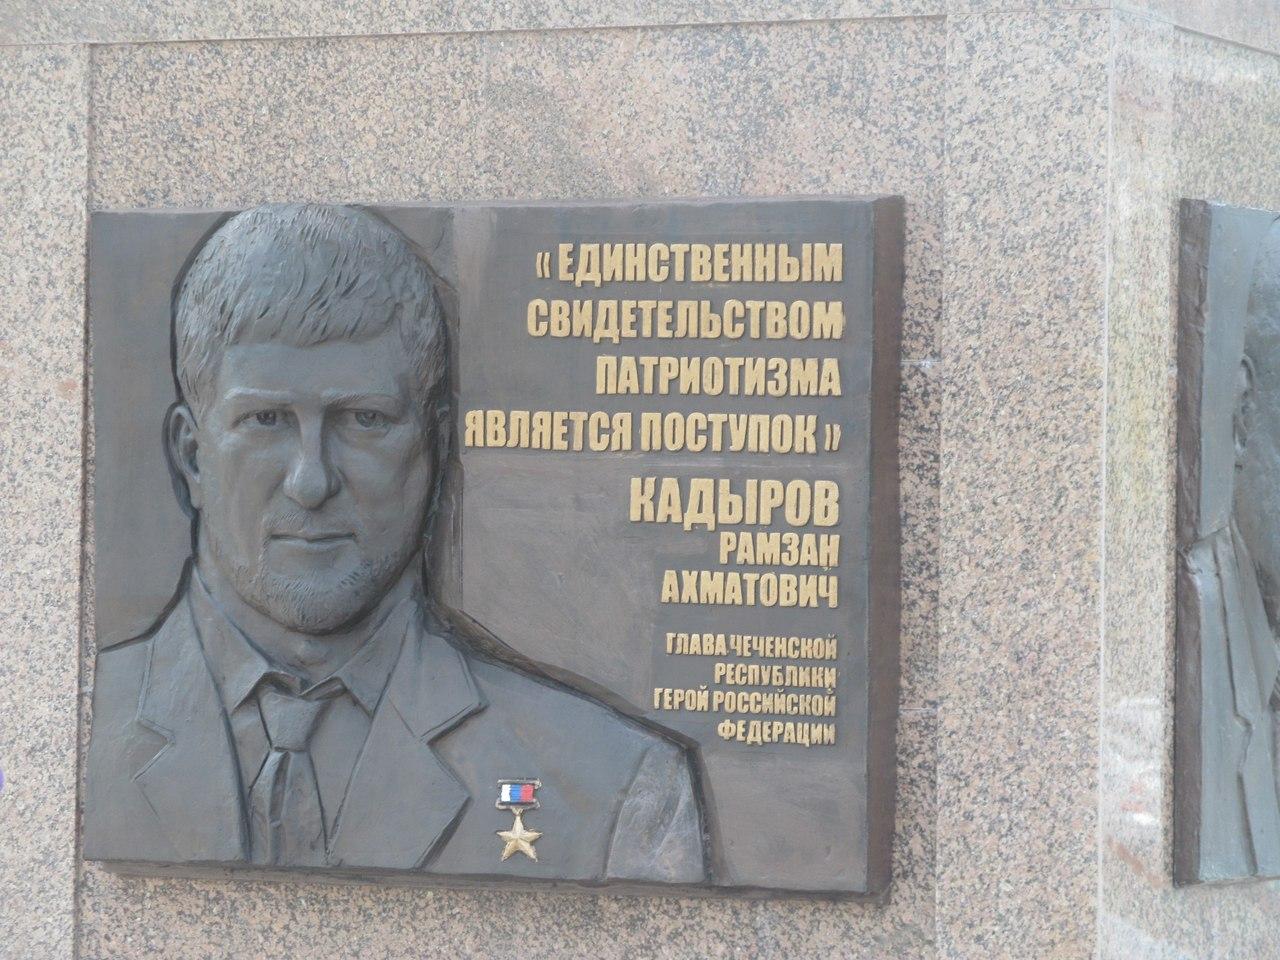 Как считаете, похожий рельефный портрет главы Чечни получился? Авторы очень старались